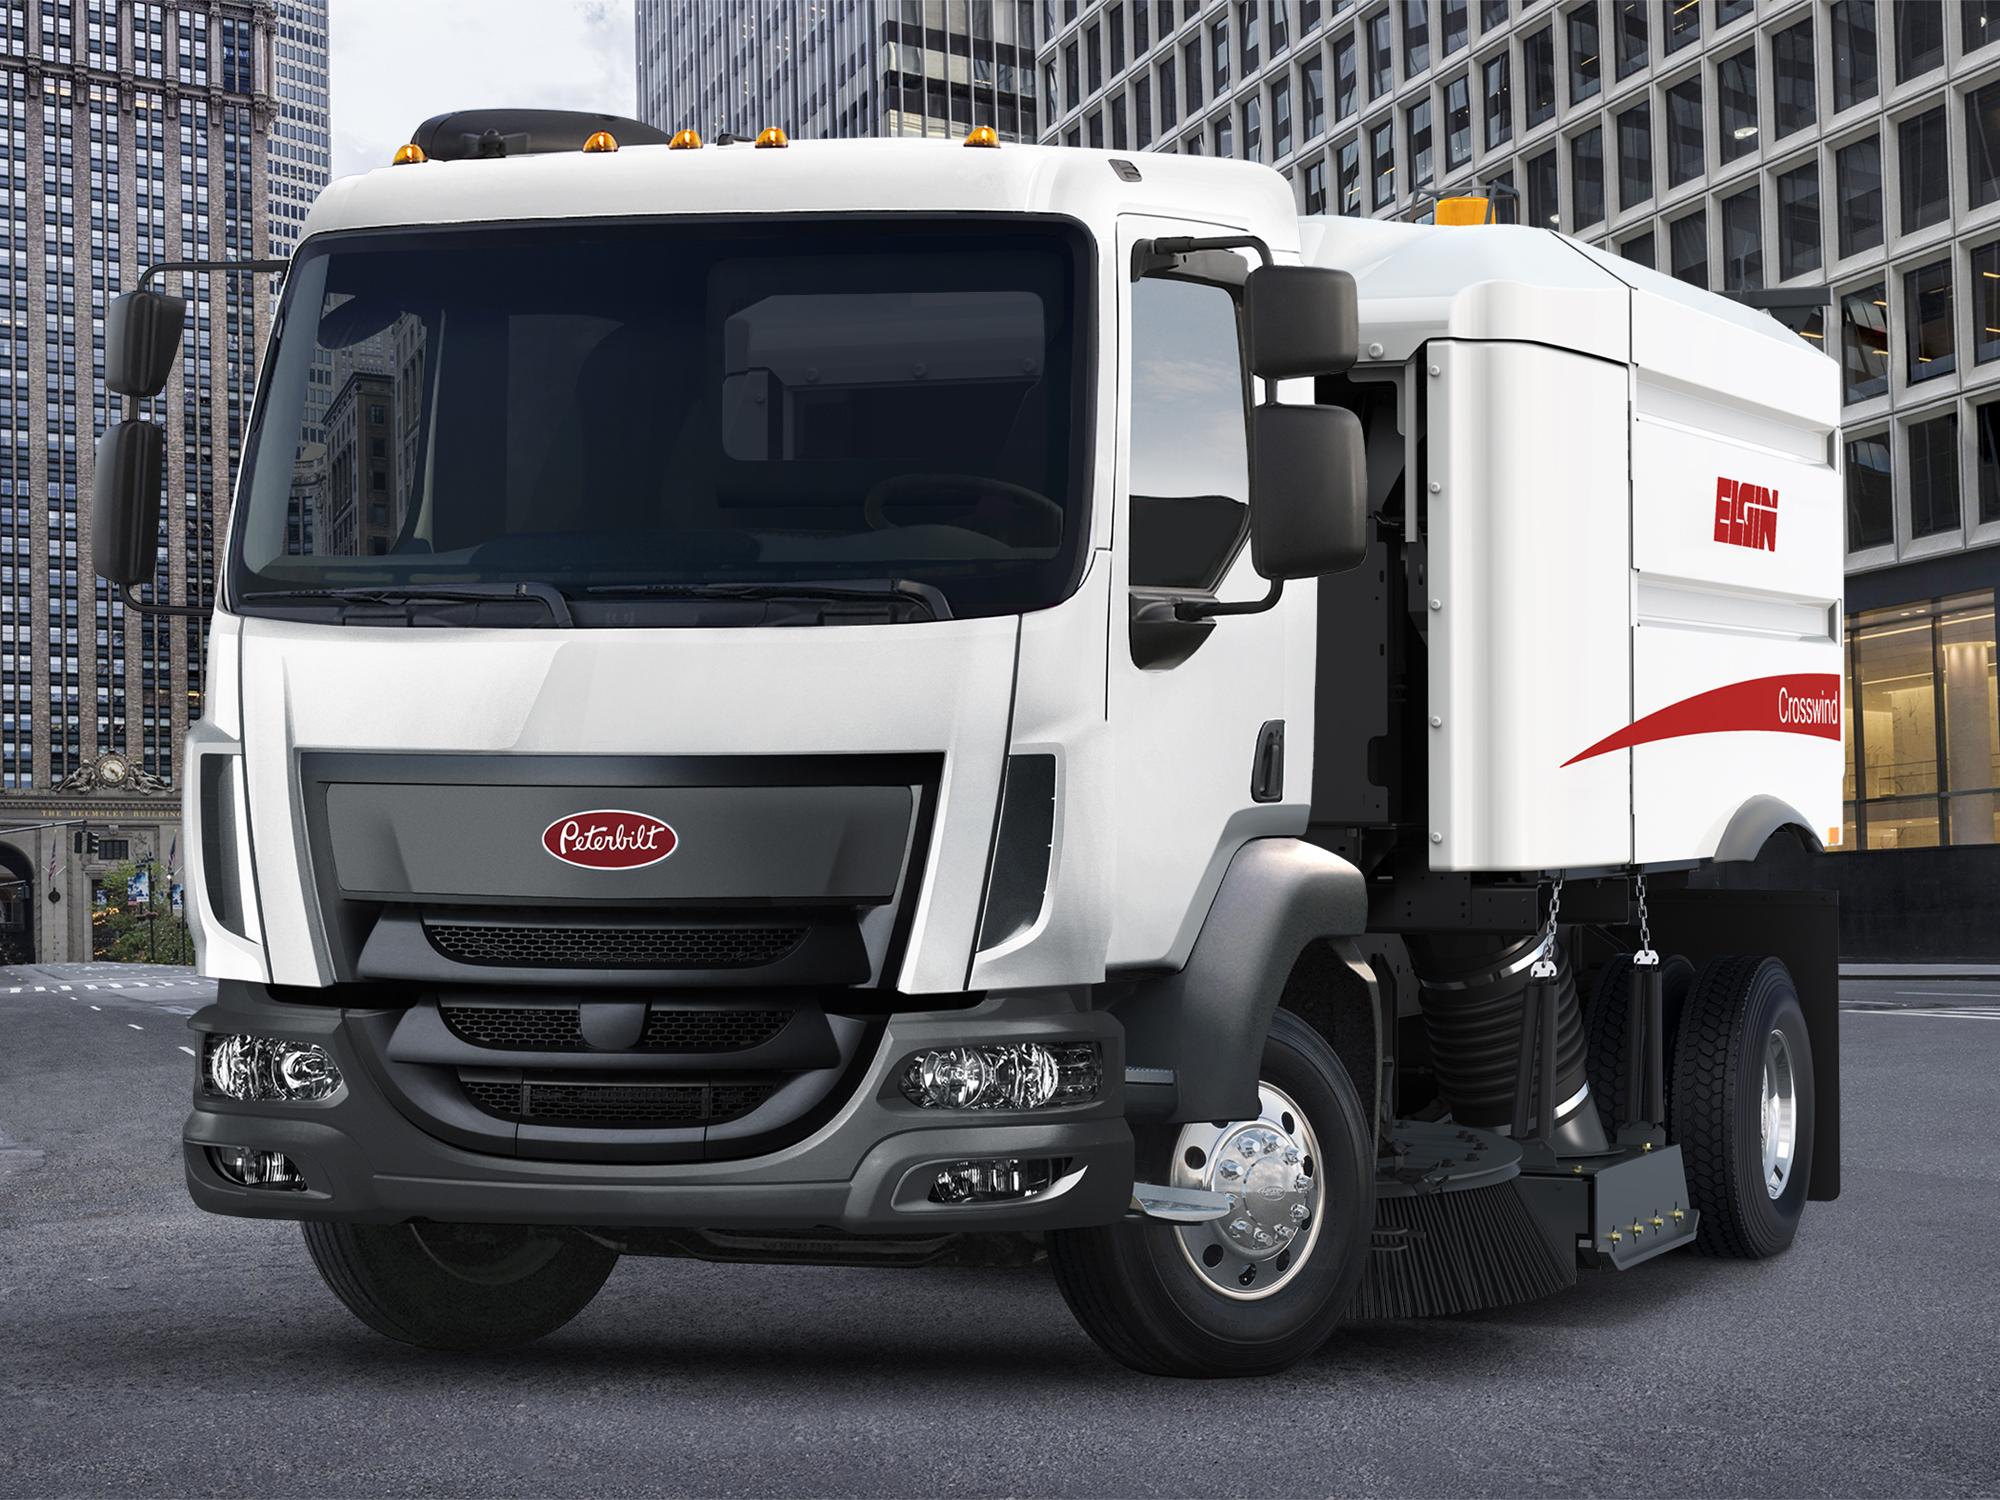 Peterbilt improves its Model 220 - Truck News